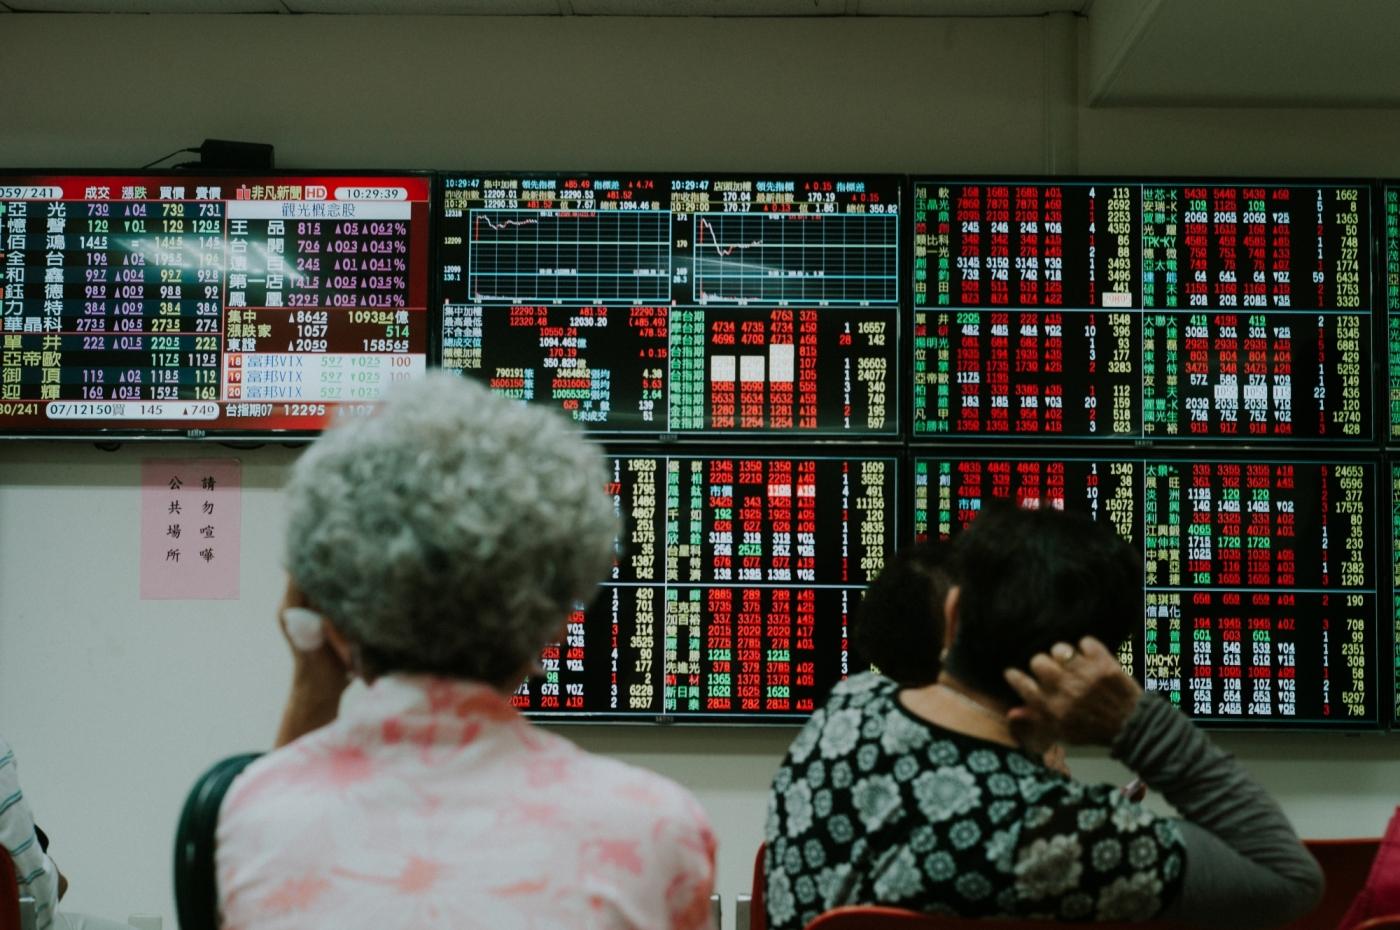 全台瘋股市!30歲以下投資人數創新高,超過80家券商存亡戰拚什麼?